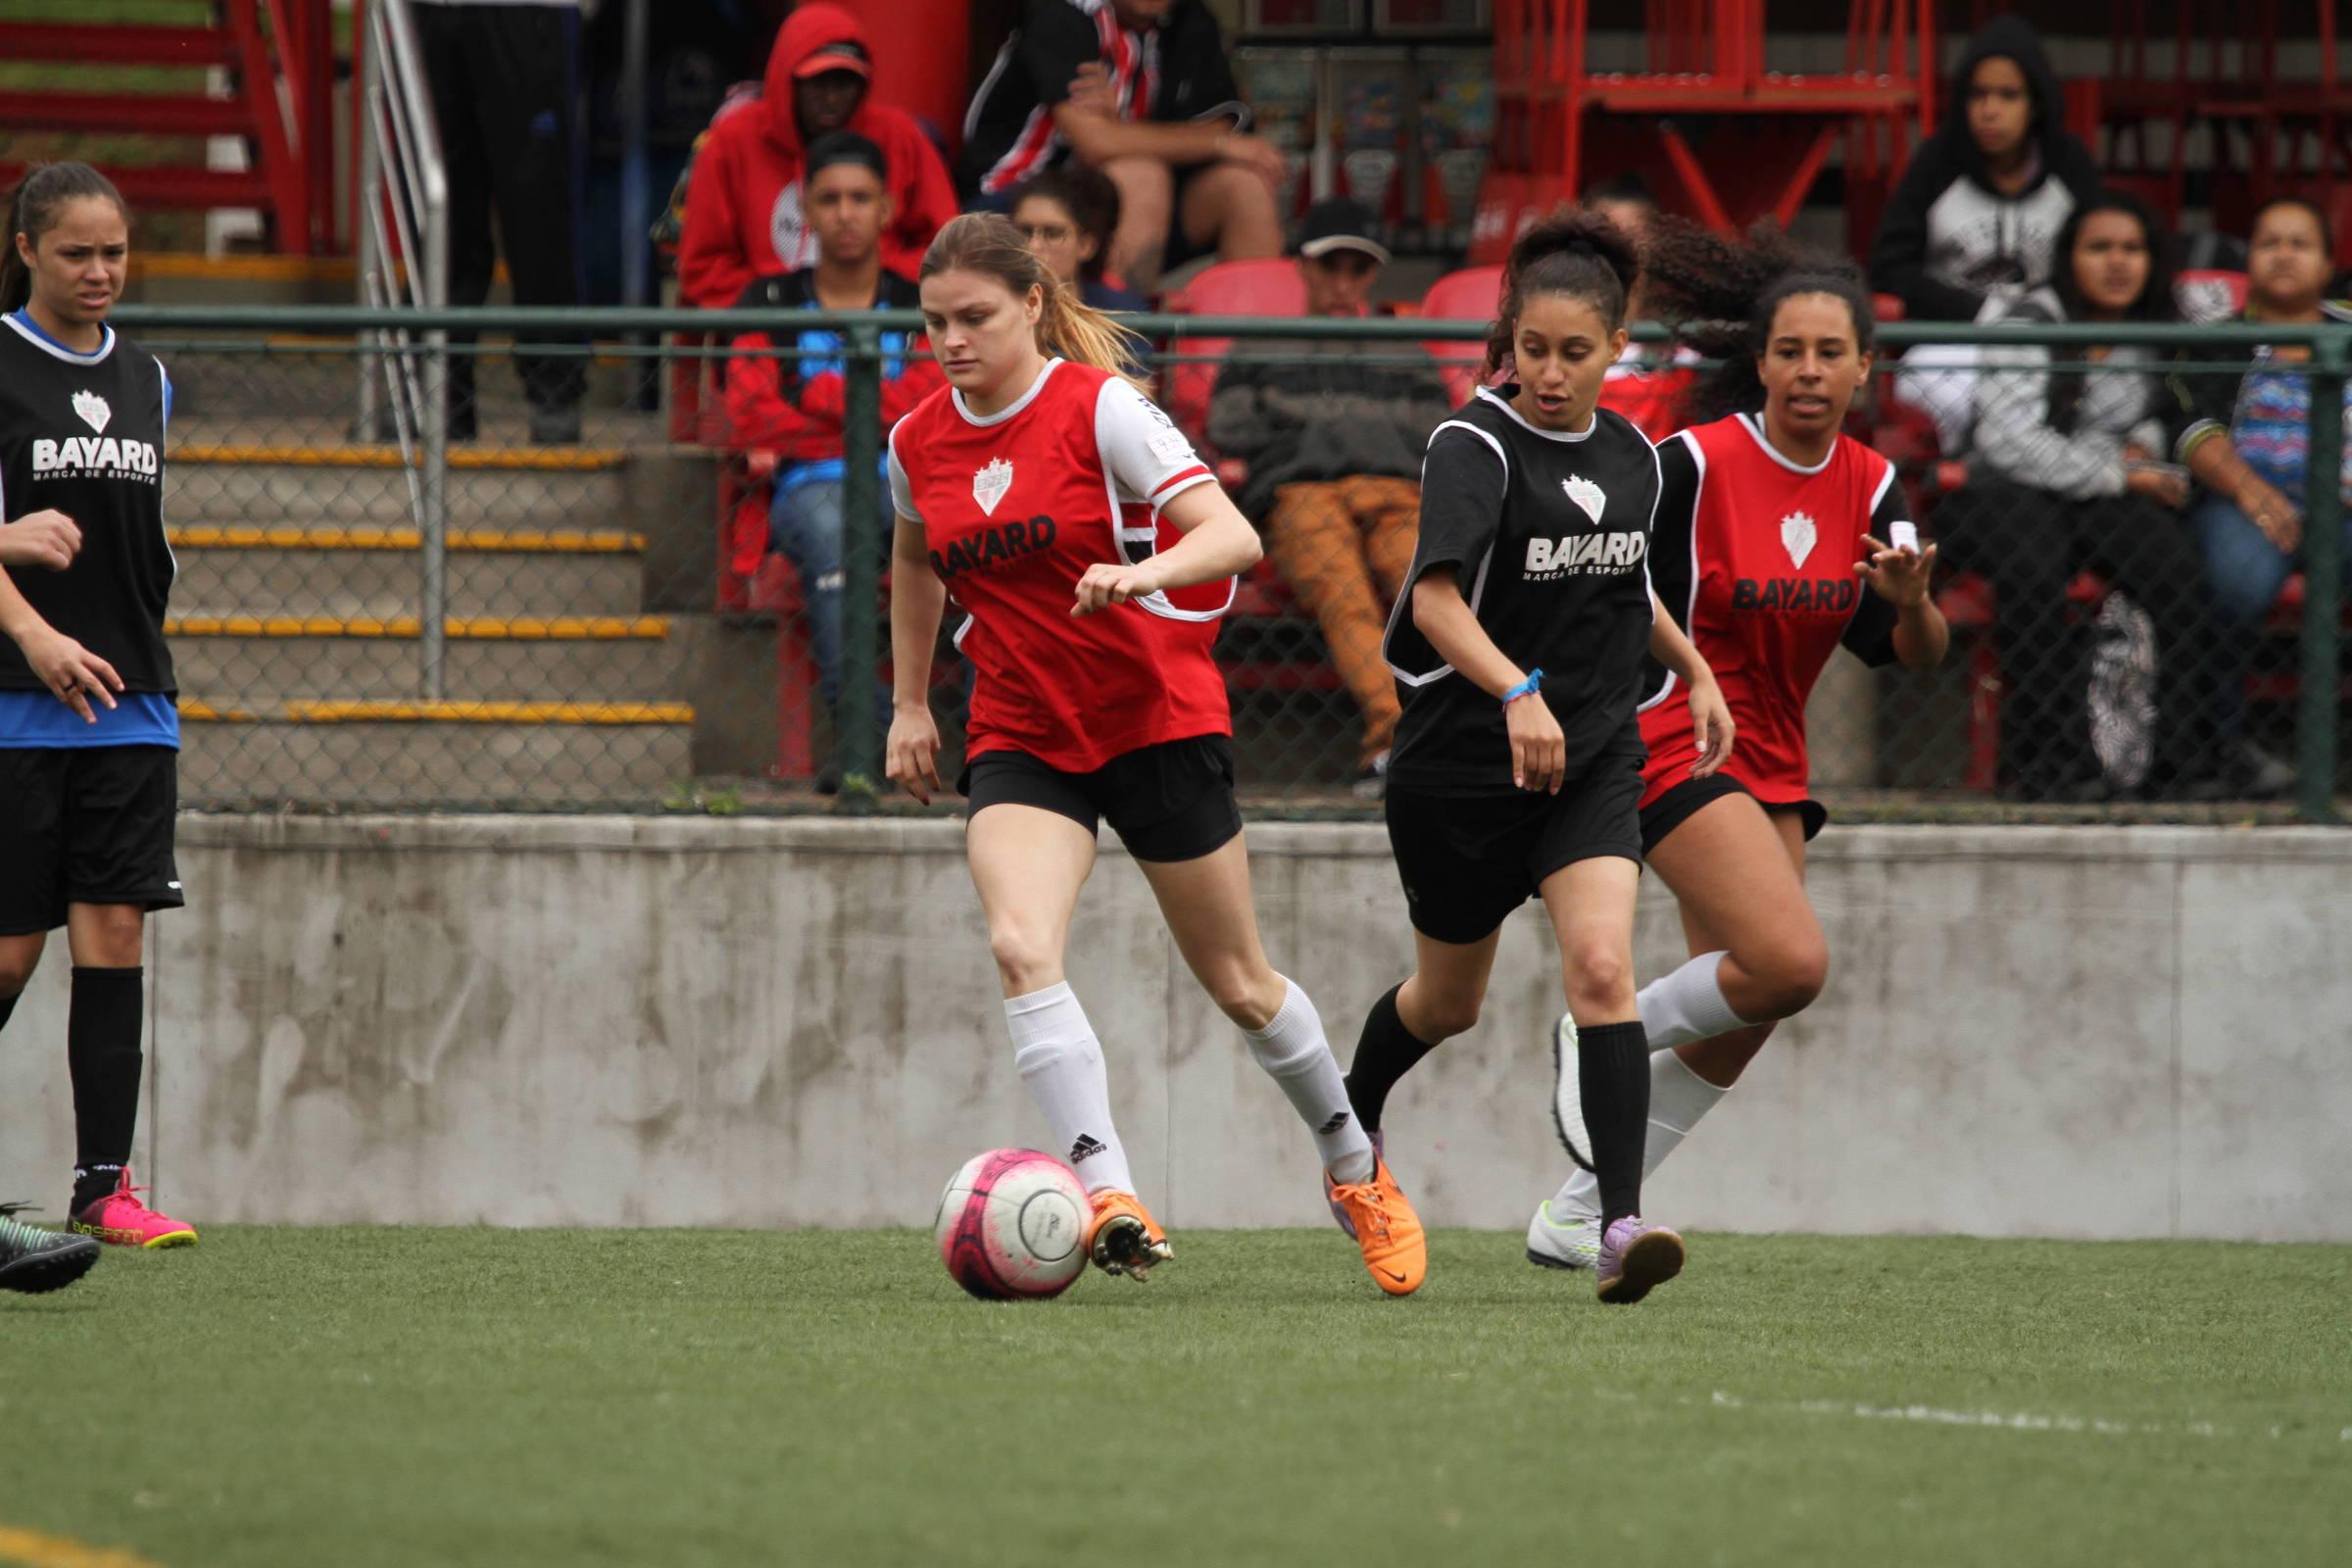 a7b9c7097e Clubes brasileiros não obedecem regra da Conmebol sobre futebol feminino -  23 12 2018 - Esporte - Folha